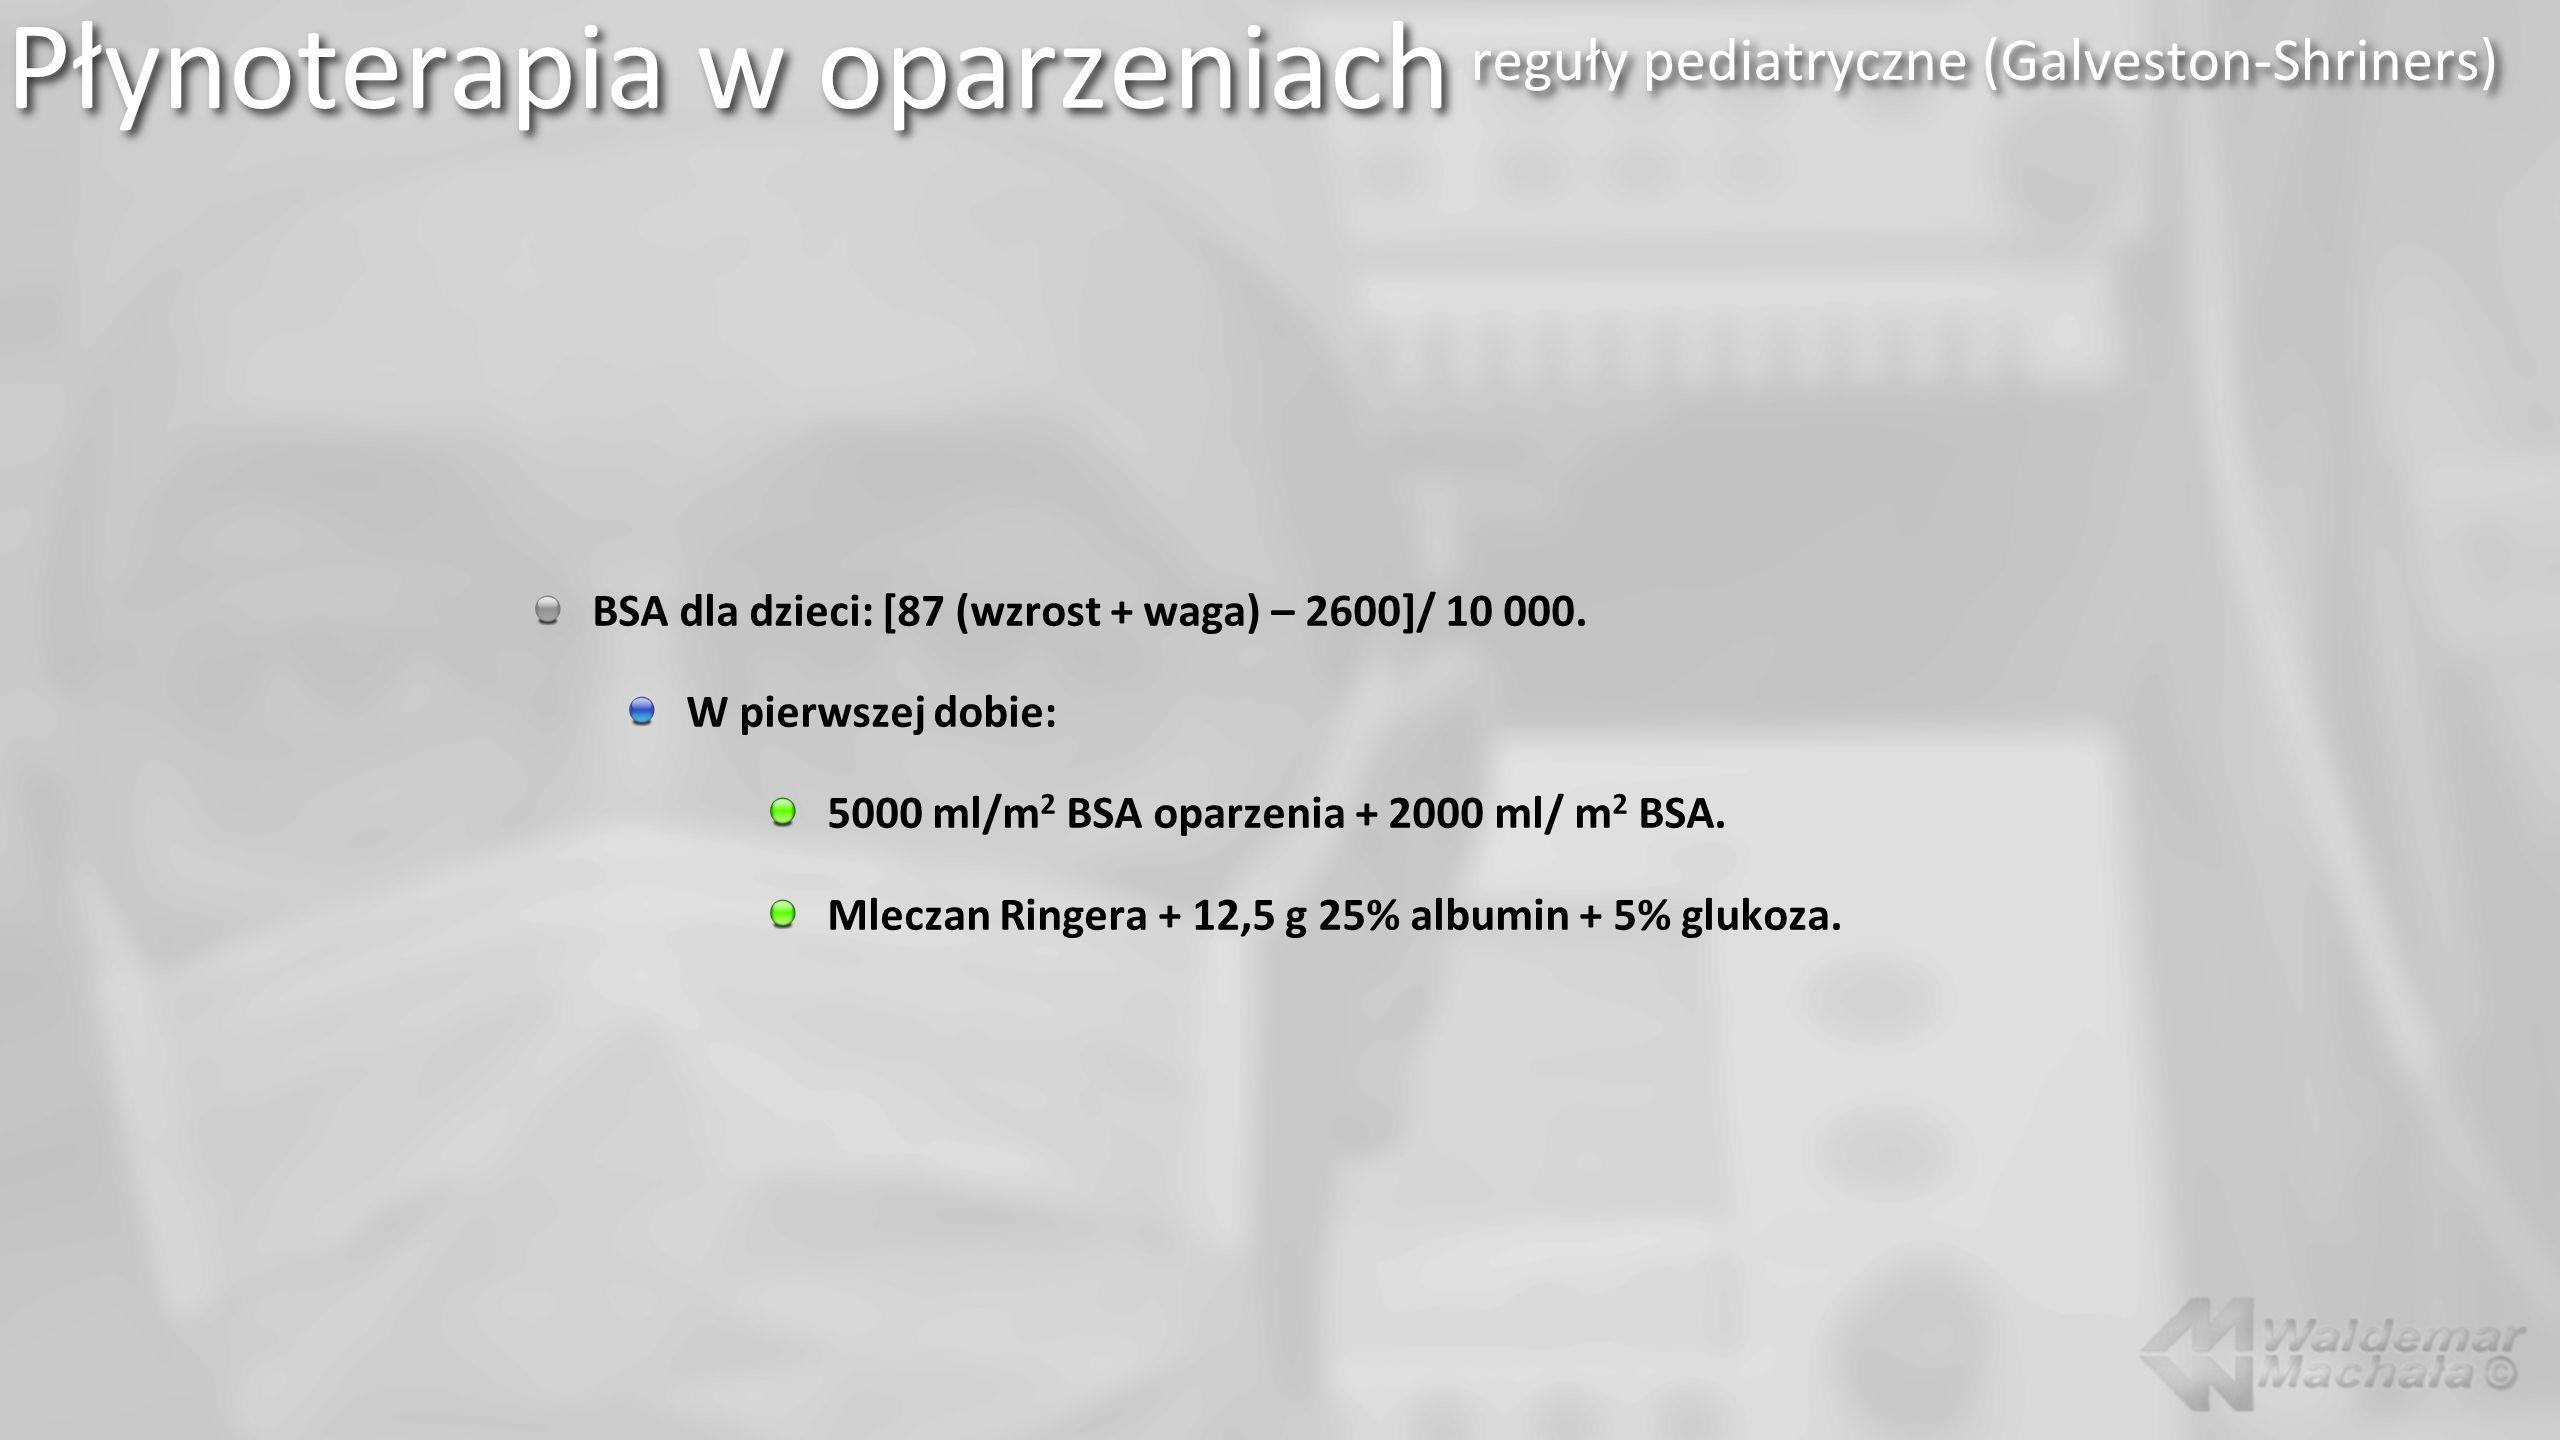 BSA dla dzieci: [87 (wzrost + waga) – 2600]/ 10 000.